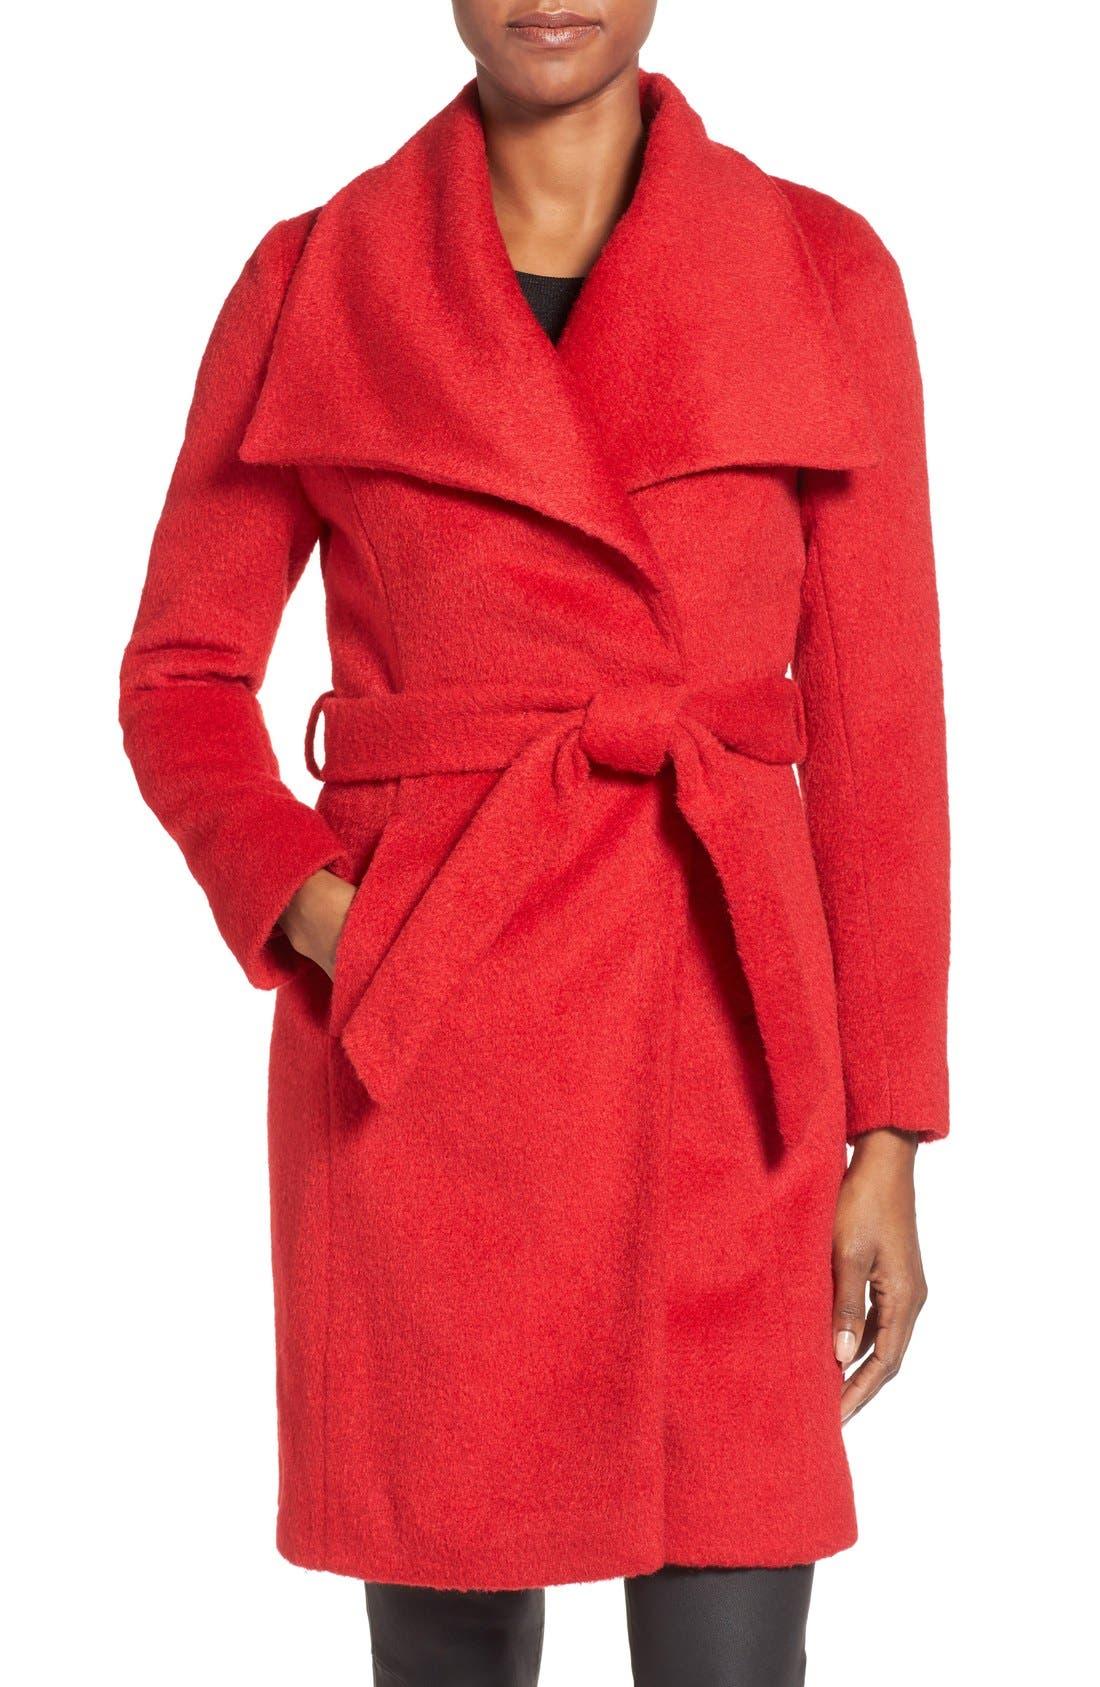 Alternate Image 1 Selected - T Tahari 'Mia' Brushed Wool Blend Wrap Coat